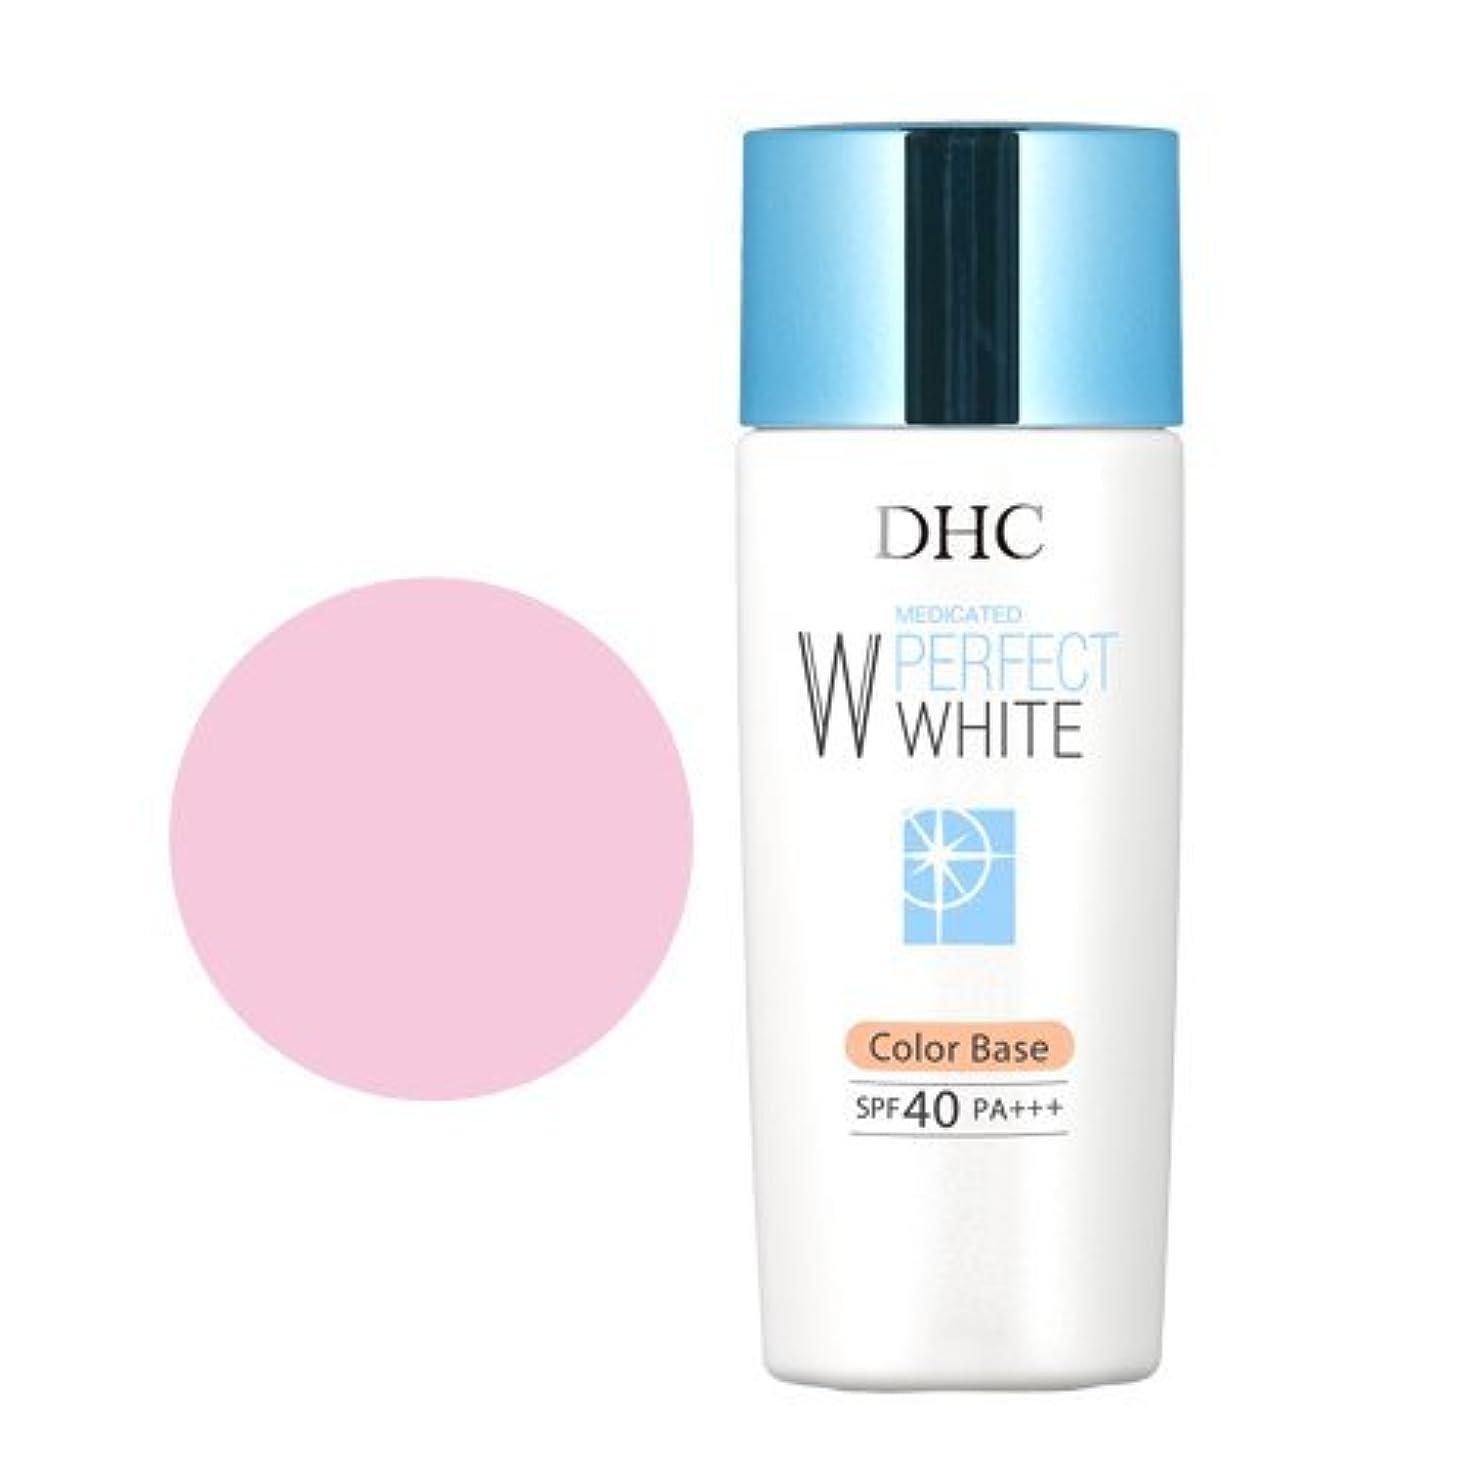 研究所ビジョン十二【医薬部外品】DHC薬用PW カラーベース【SPF40?PA+++】(ピンク)